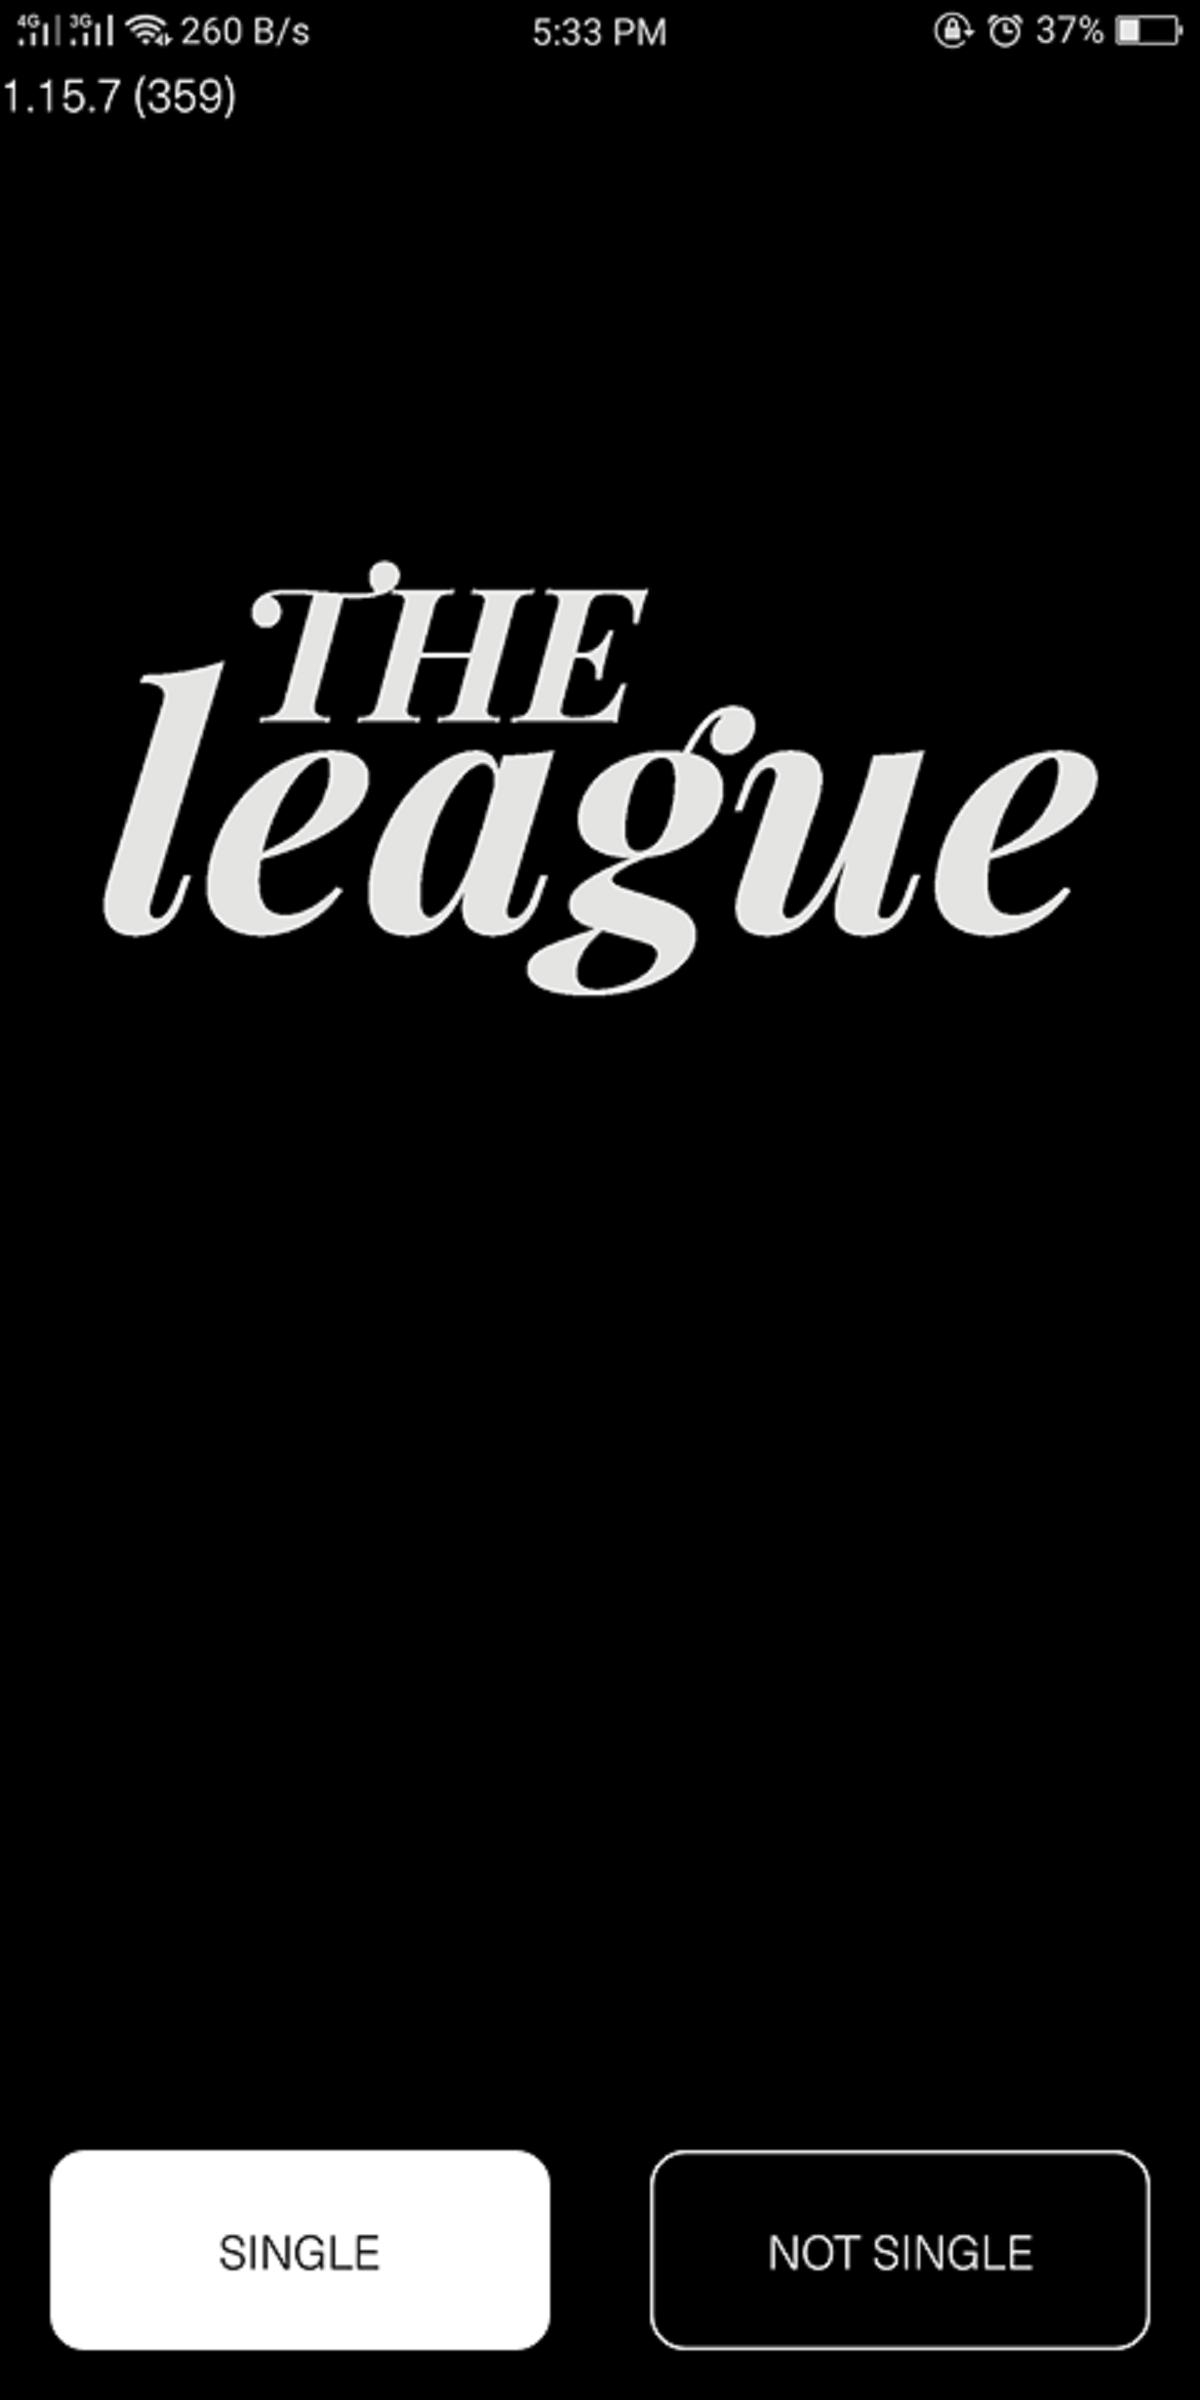 The League Mobile App